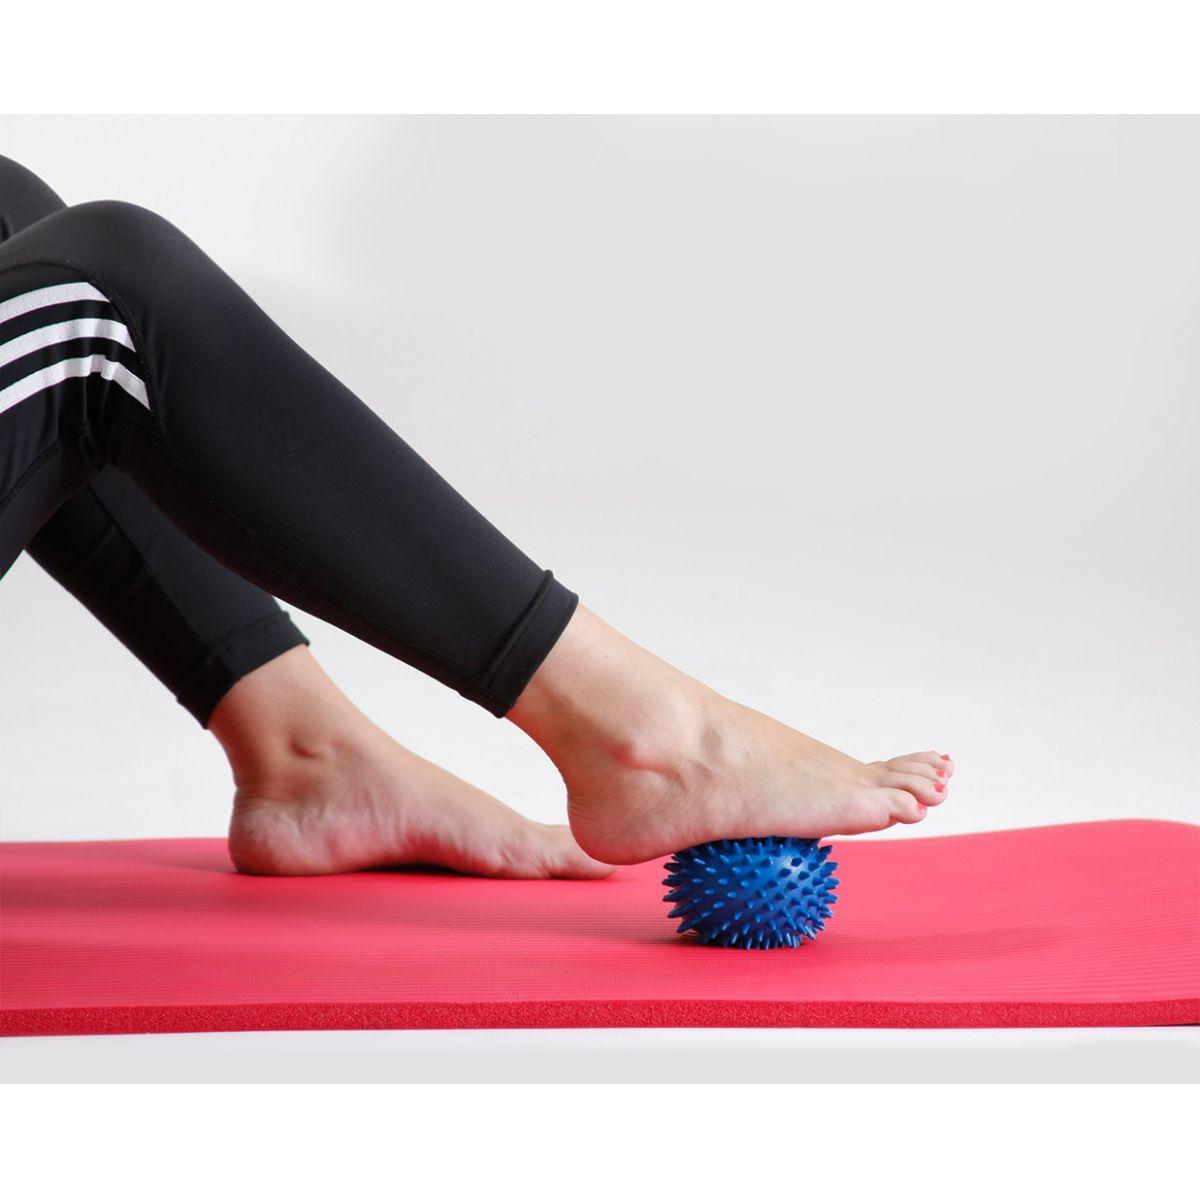 Bola para massagem Point Ball 06cm - macia com cravos - PBM.06